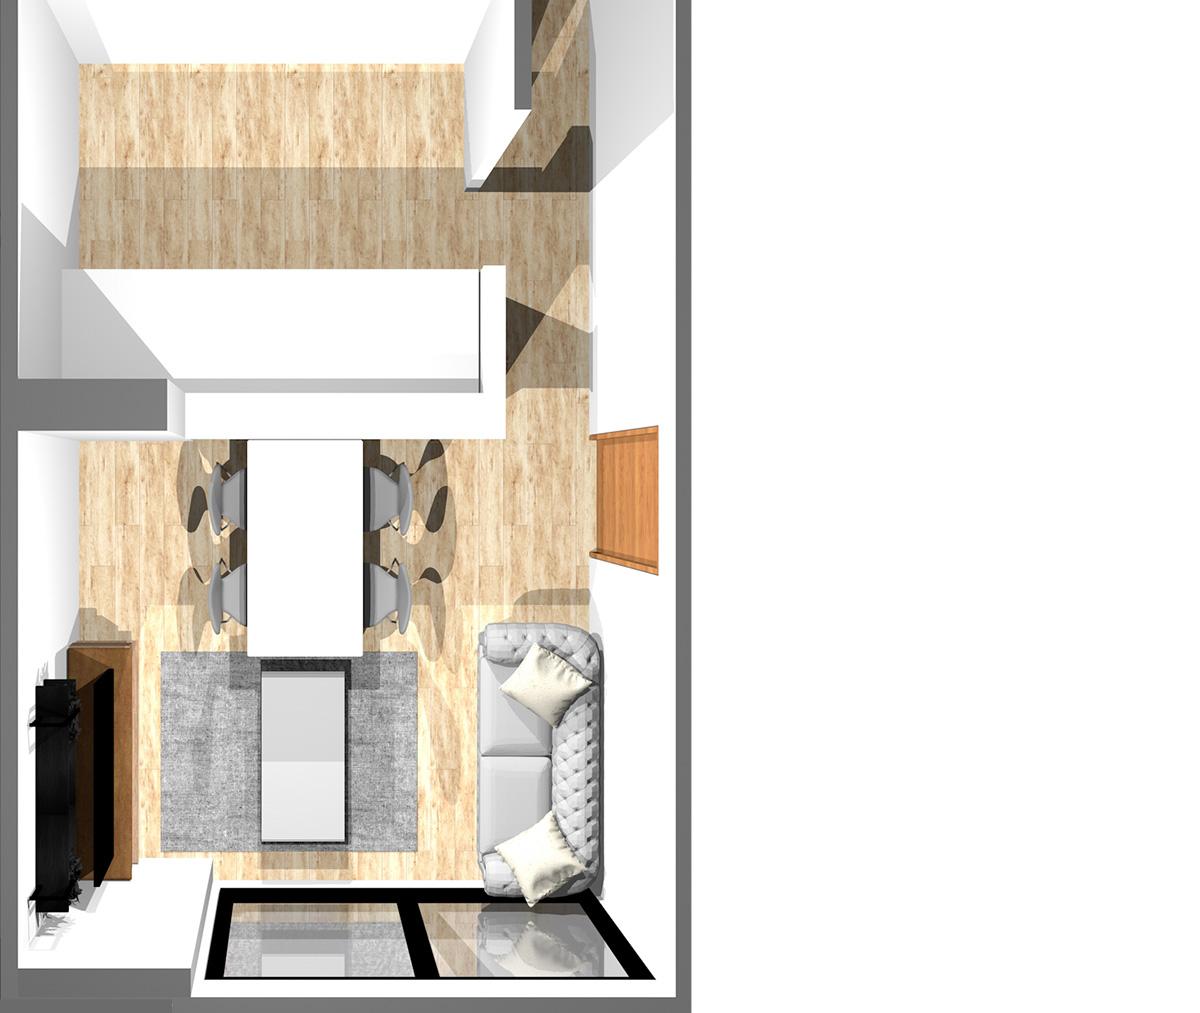 キッチン3.6畳、リビングダイニング8畳の縦長リビングの窓側にリビング